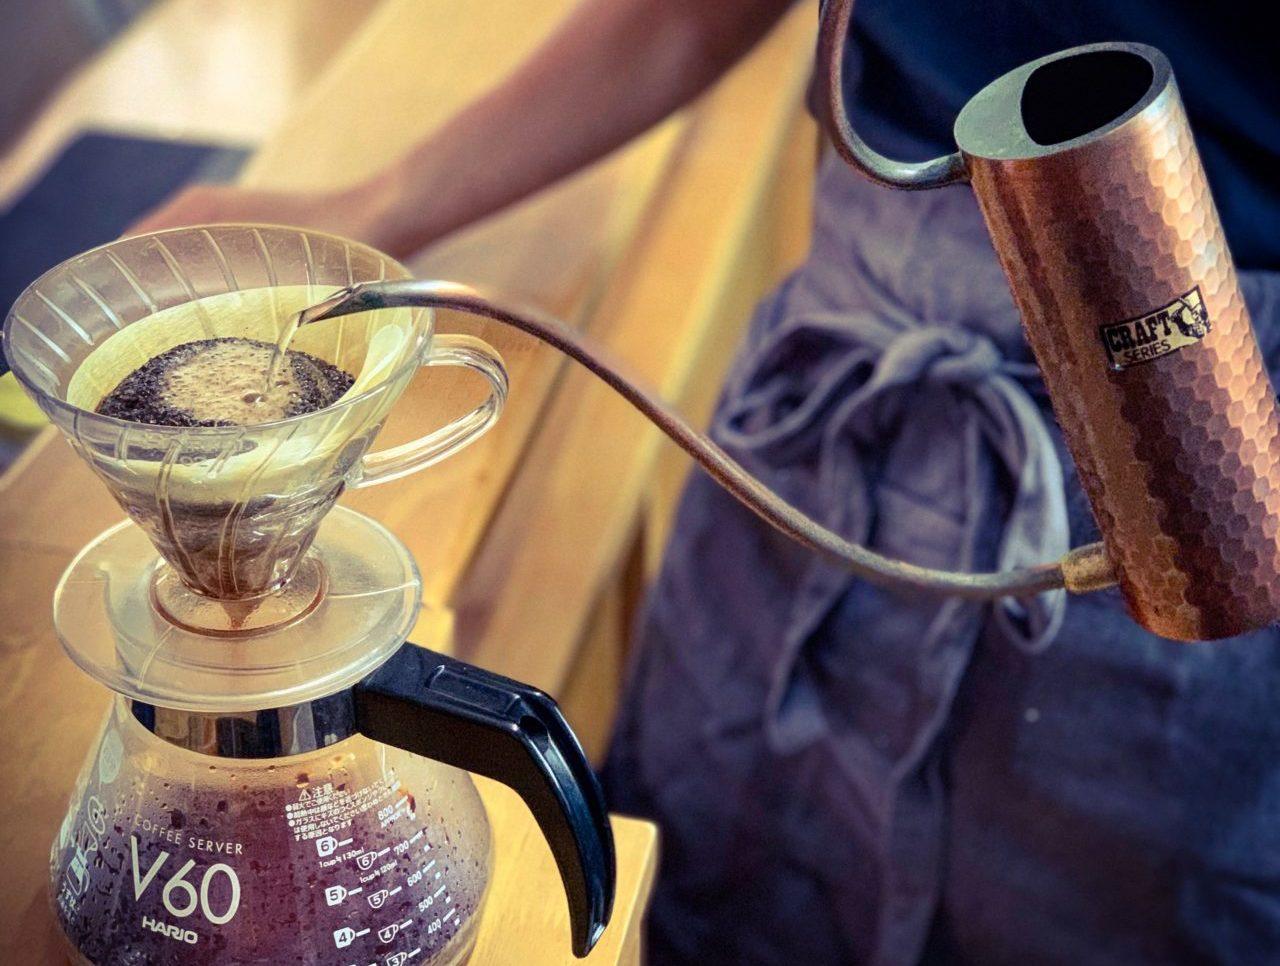 【ドリップコーヒー】時間の余白と、心のゆとりを楽しむ贅沢時間はじめました